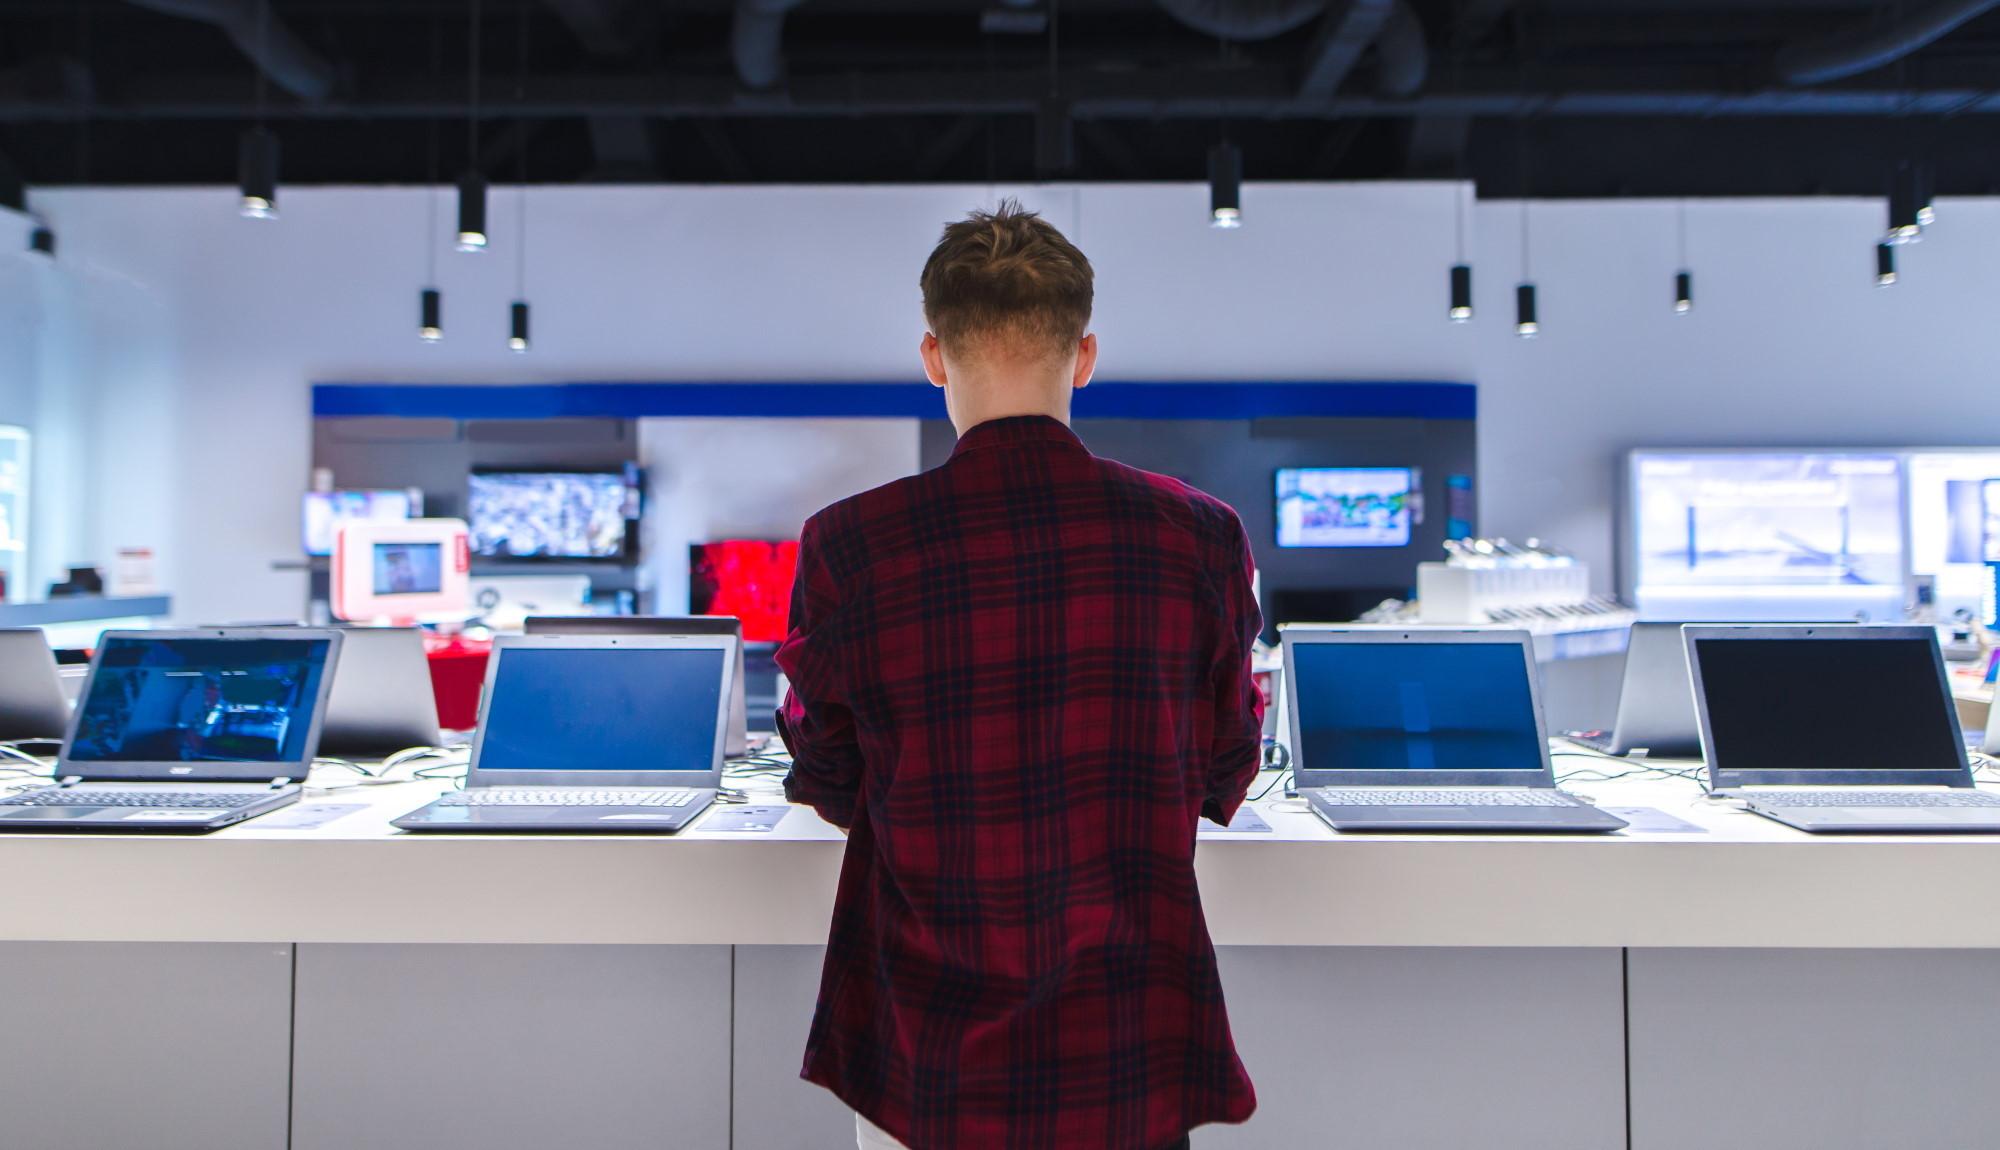 Выбор ноутбука / покупка ноутбука